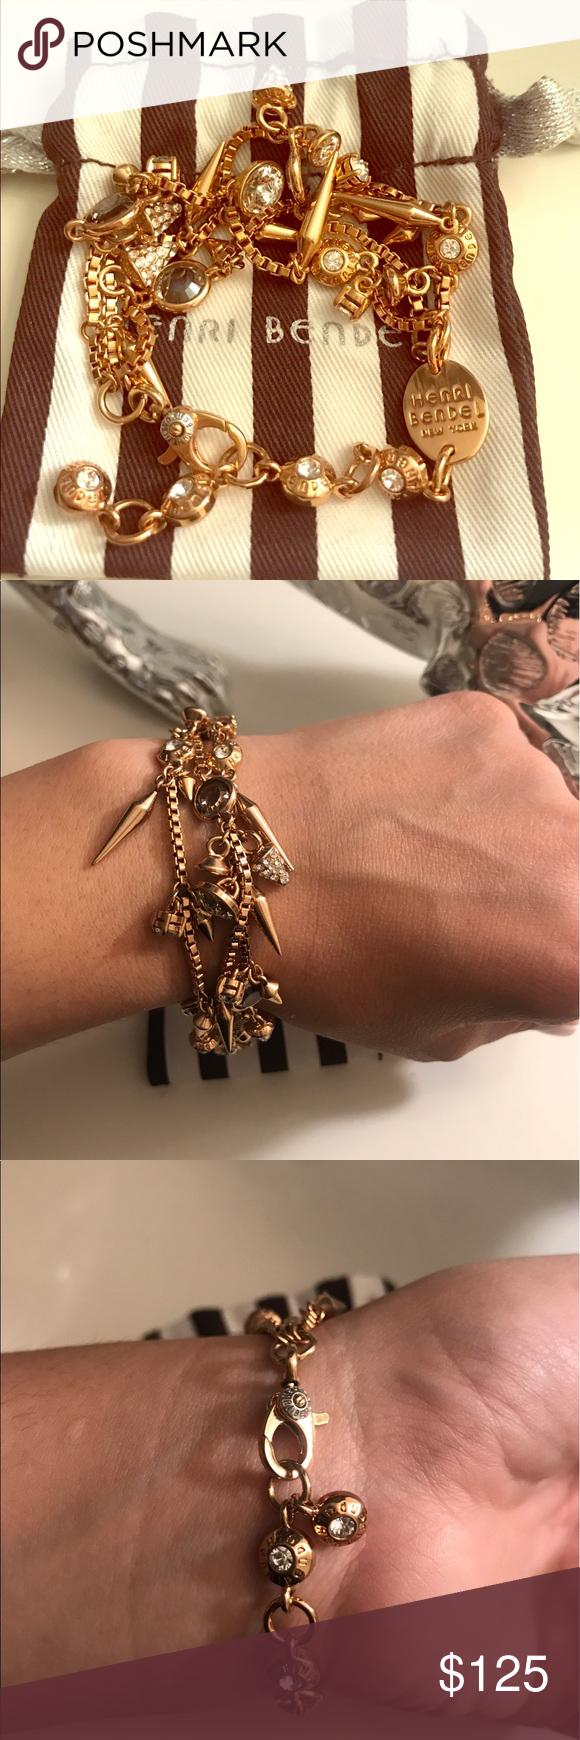 a764ed50c595c Henri Bendel Charm bracelet- almost new,great deal Henri Bendel ...